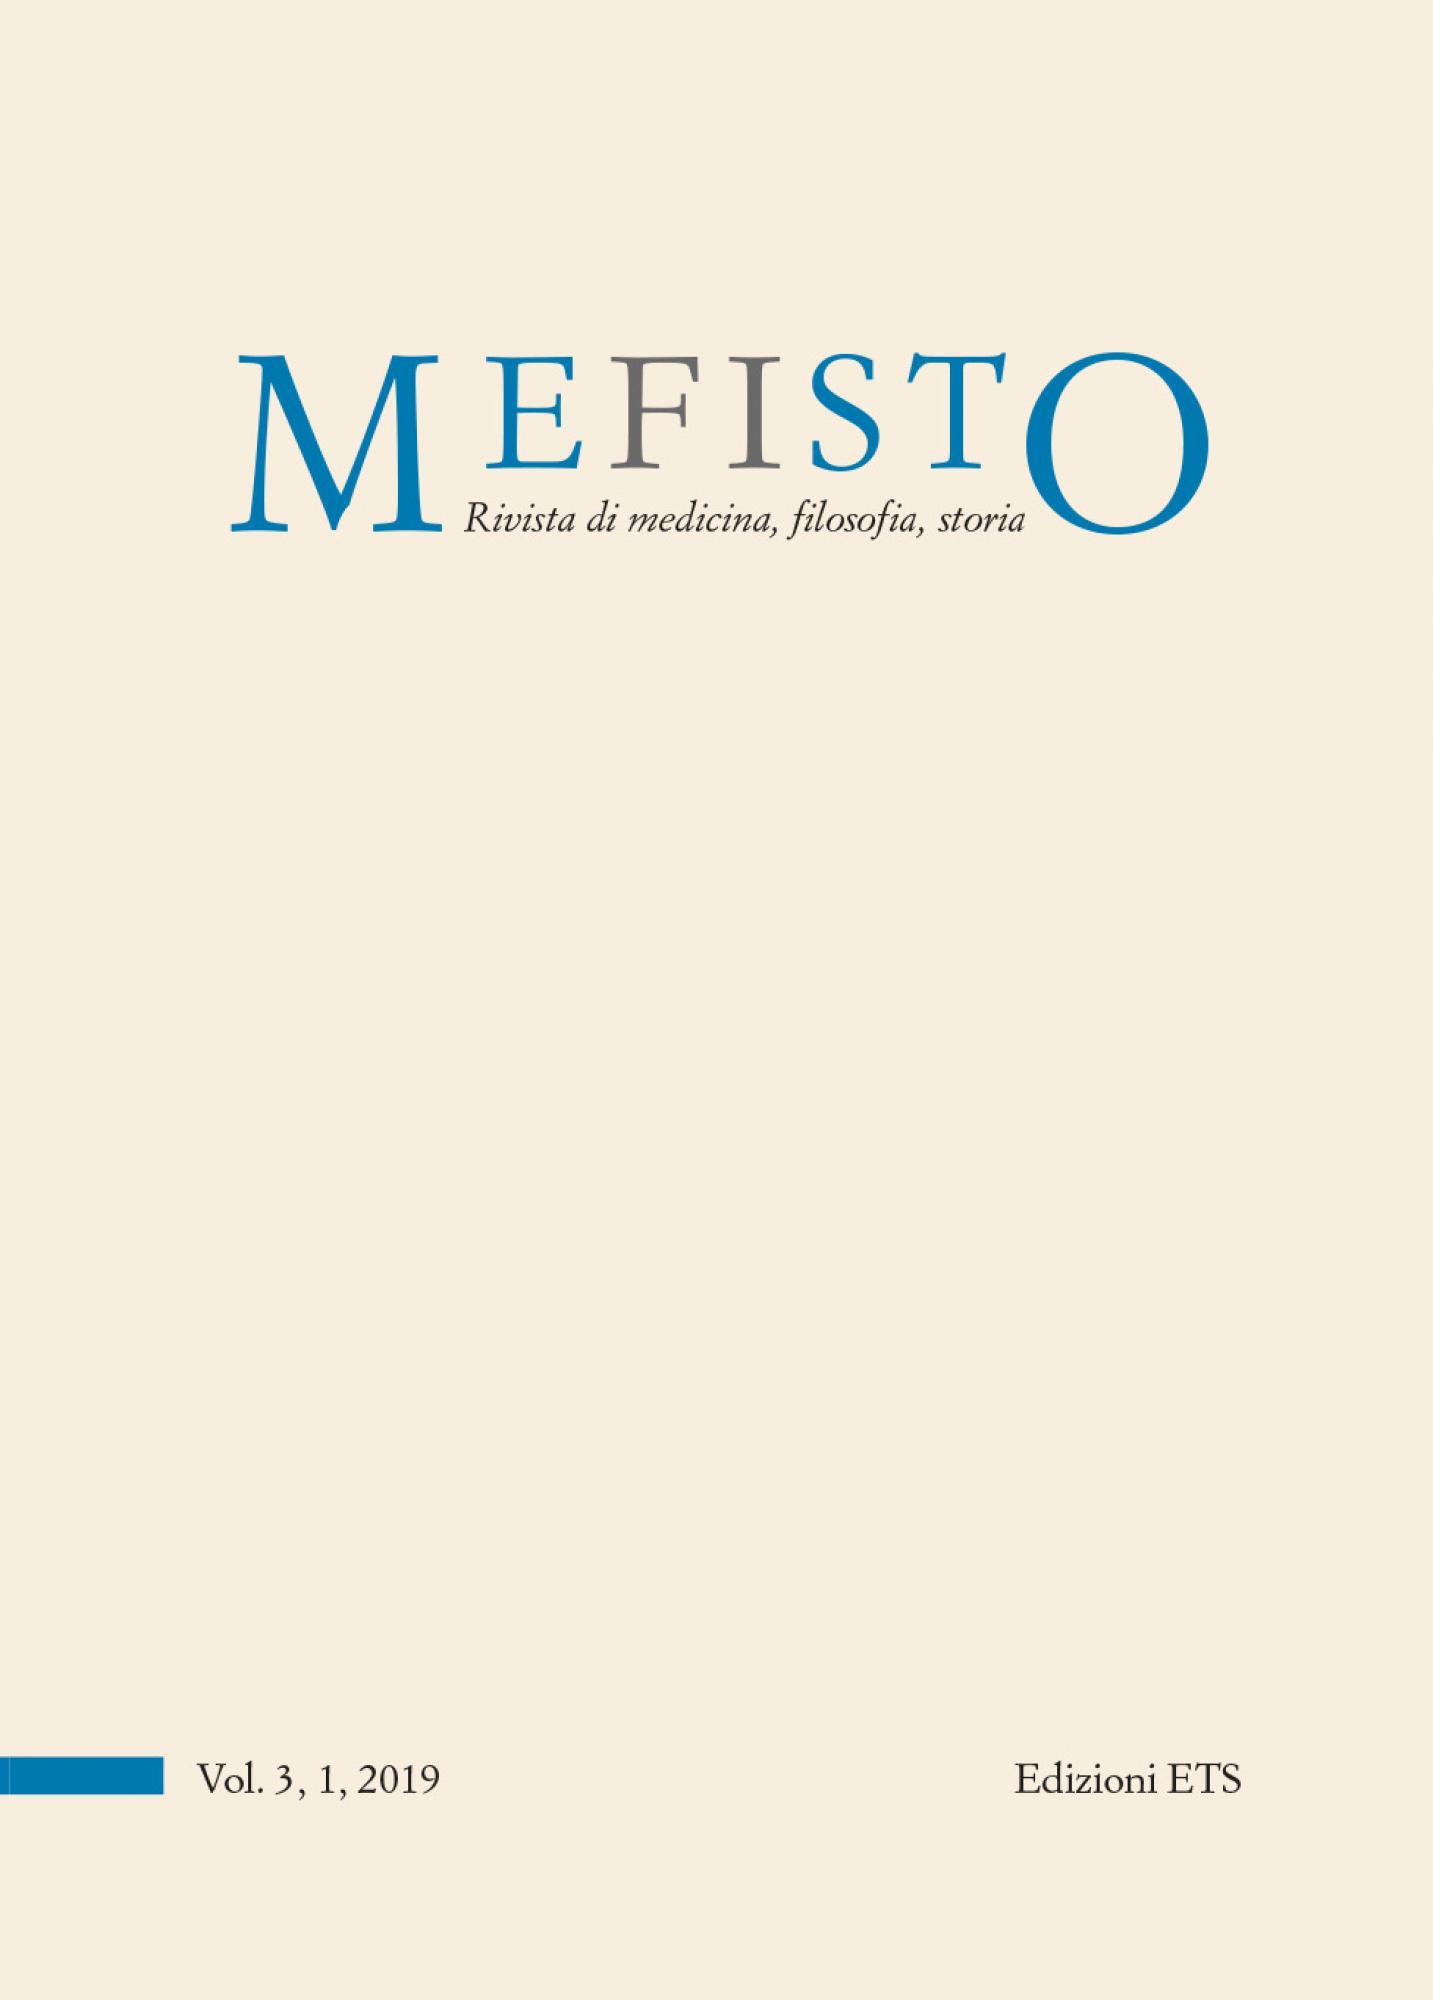 MEFISTO. Rivista di medicina, filosofia, storia.Vol. 3, 1, 2019 (già Medicina&Storia)